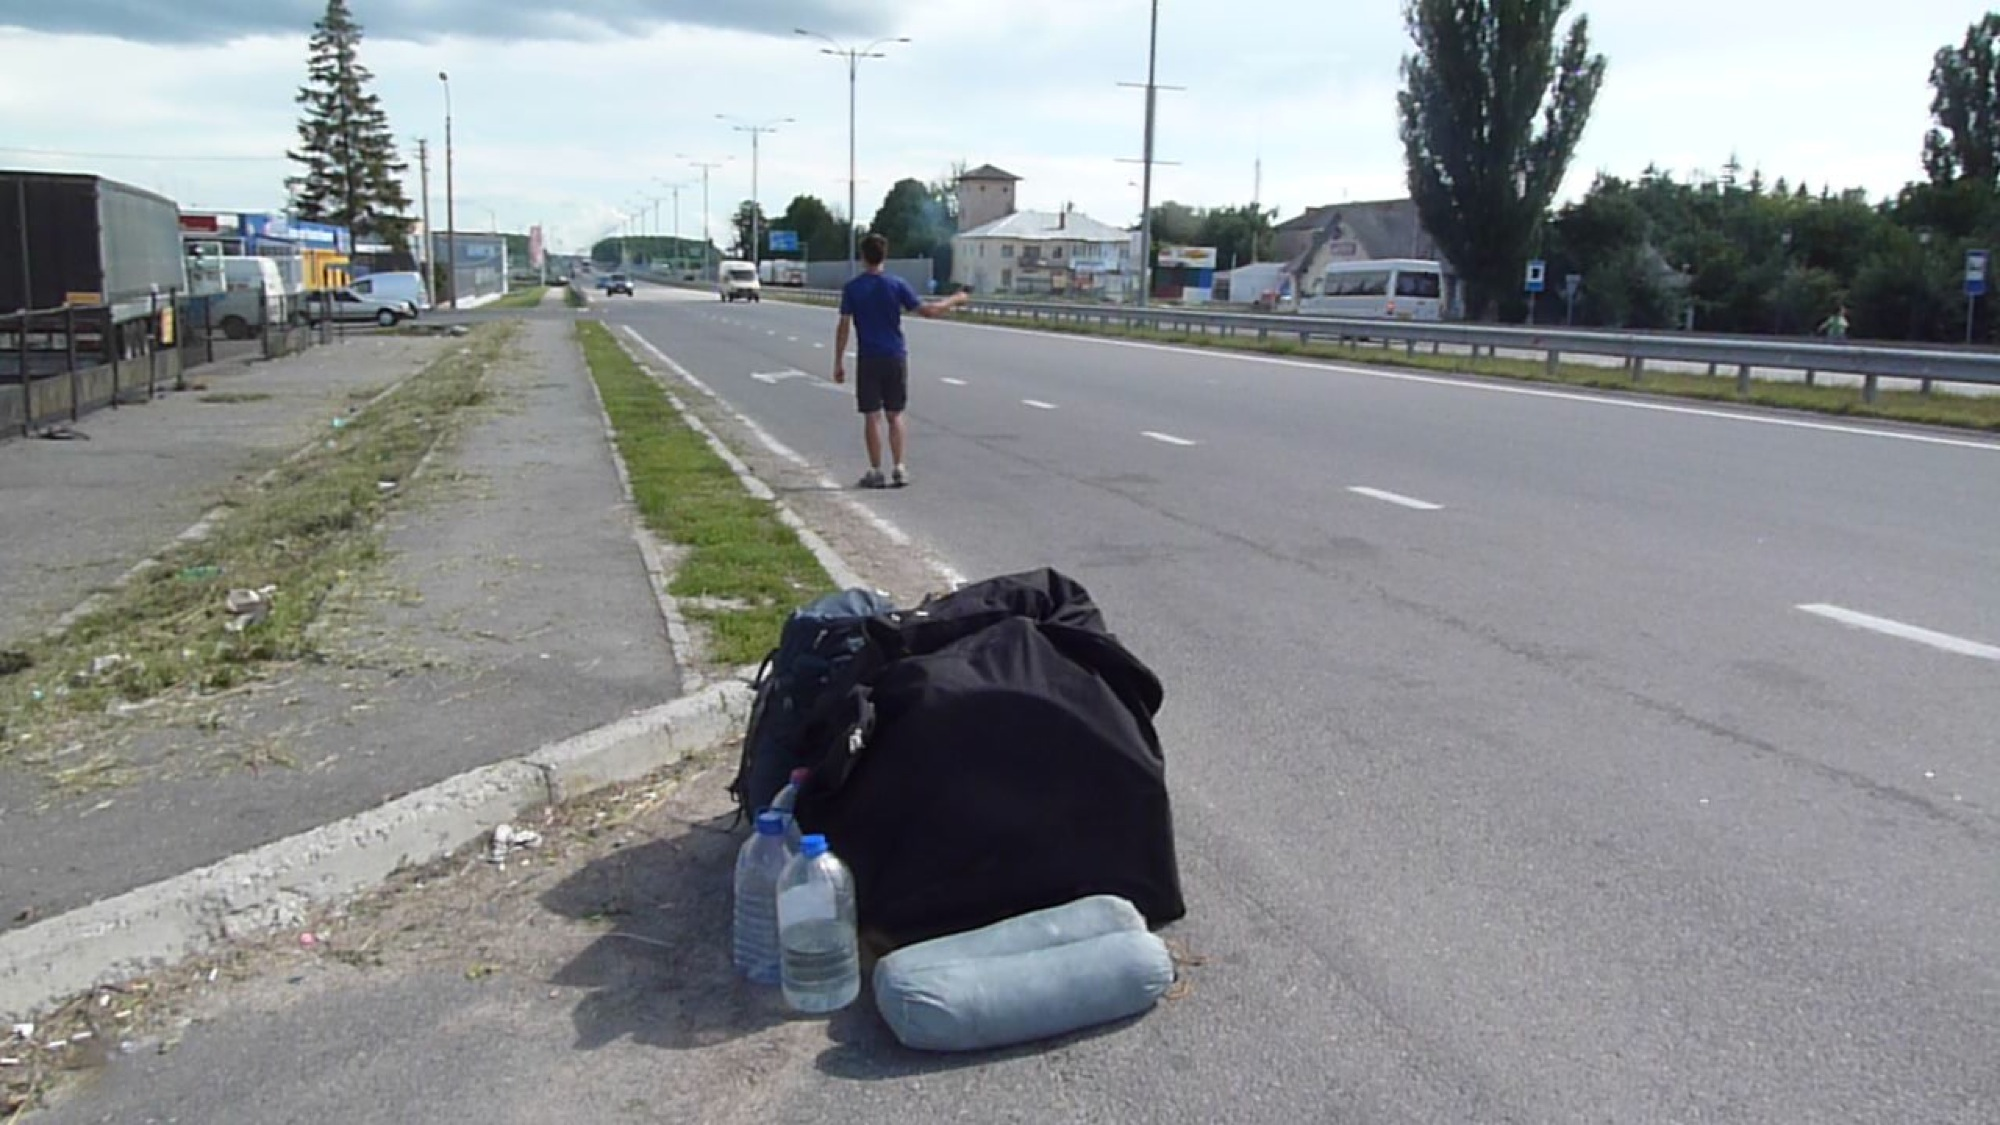 03-ukrainhitchhike